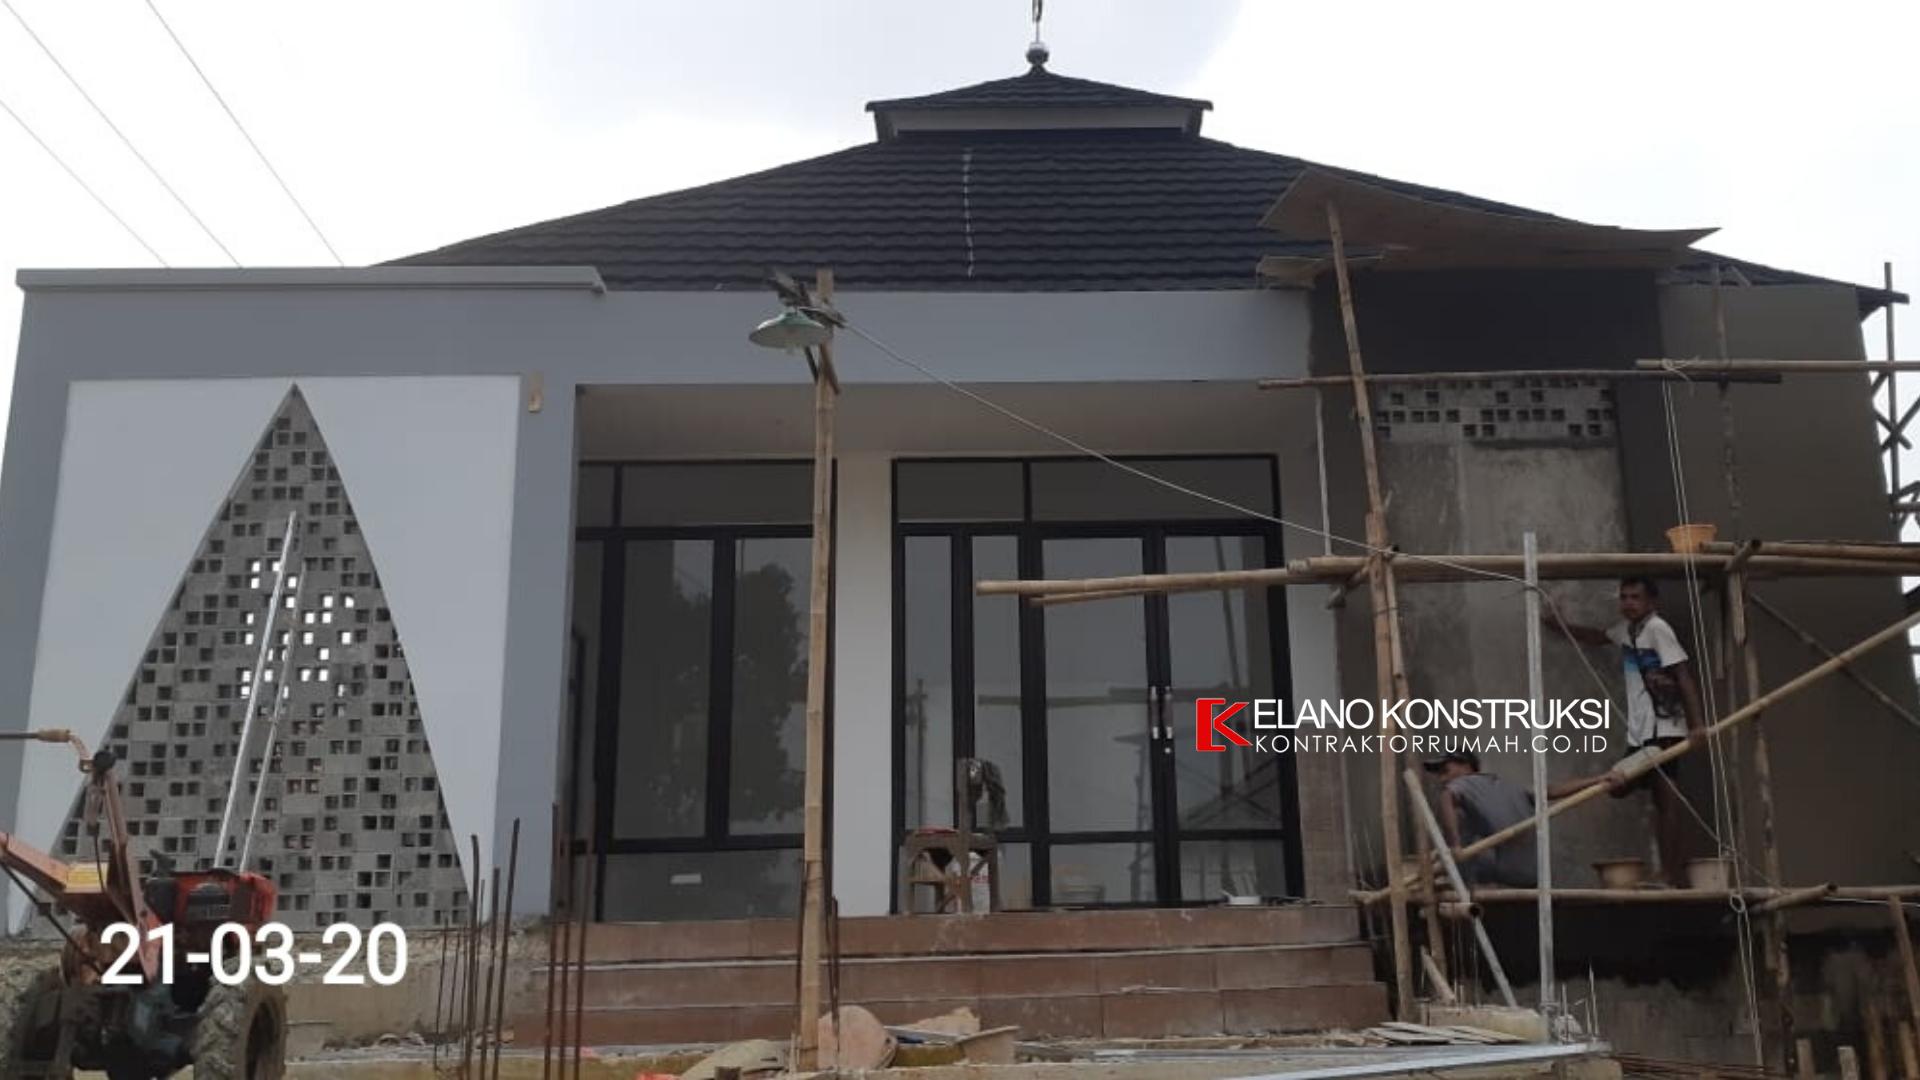 1 1 - Konstruksi Masjid Pesantren Alanwariyah 230 M2 Banten Jawa Barat